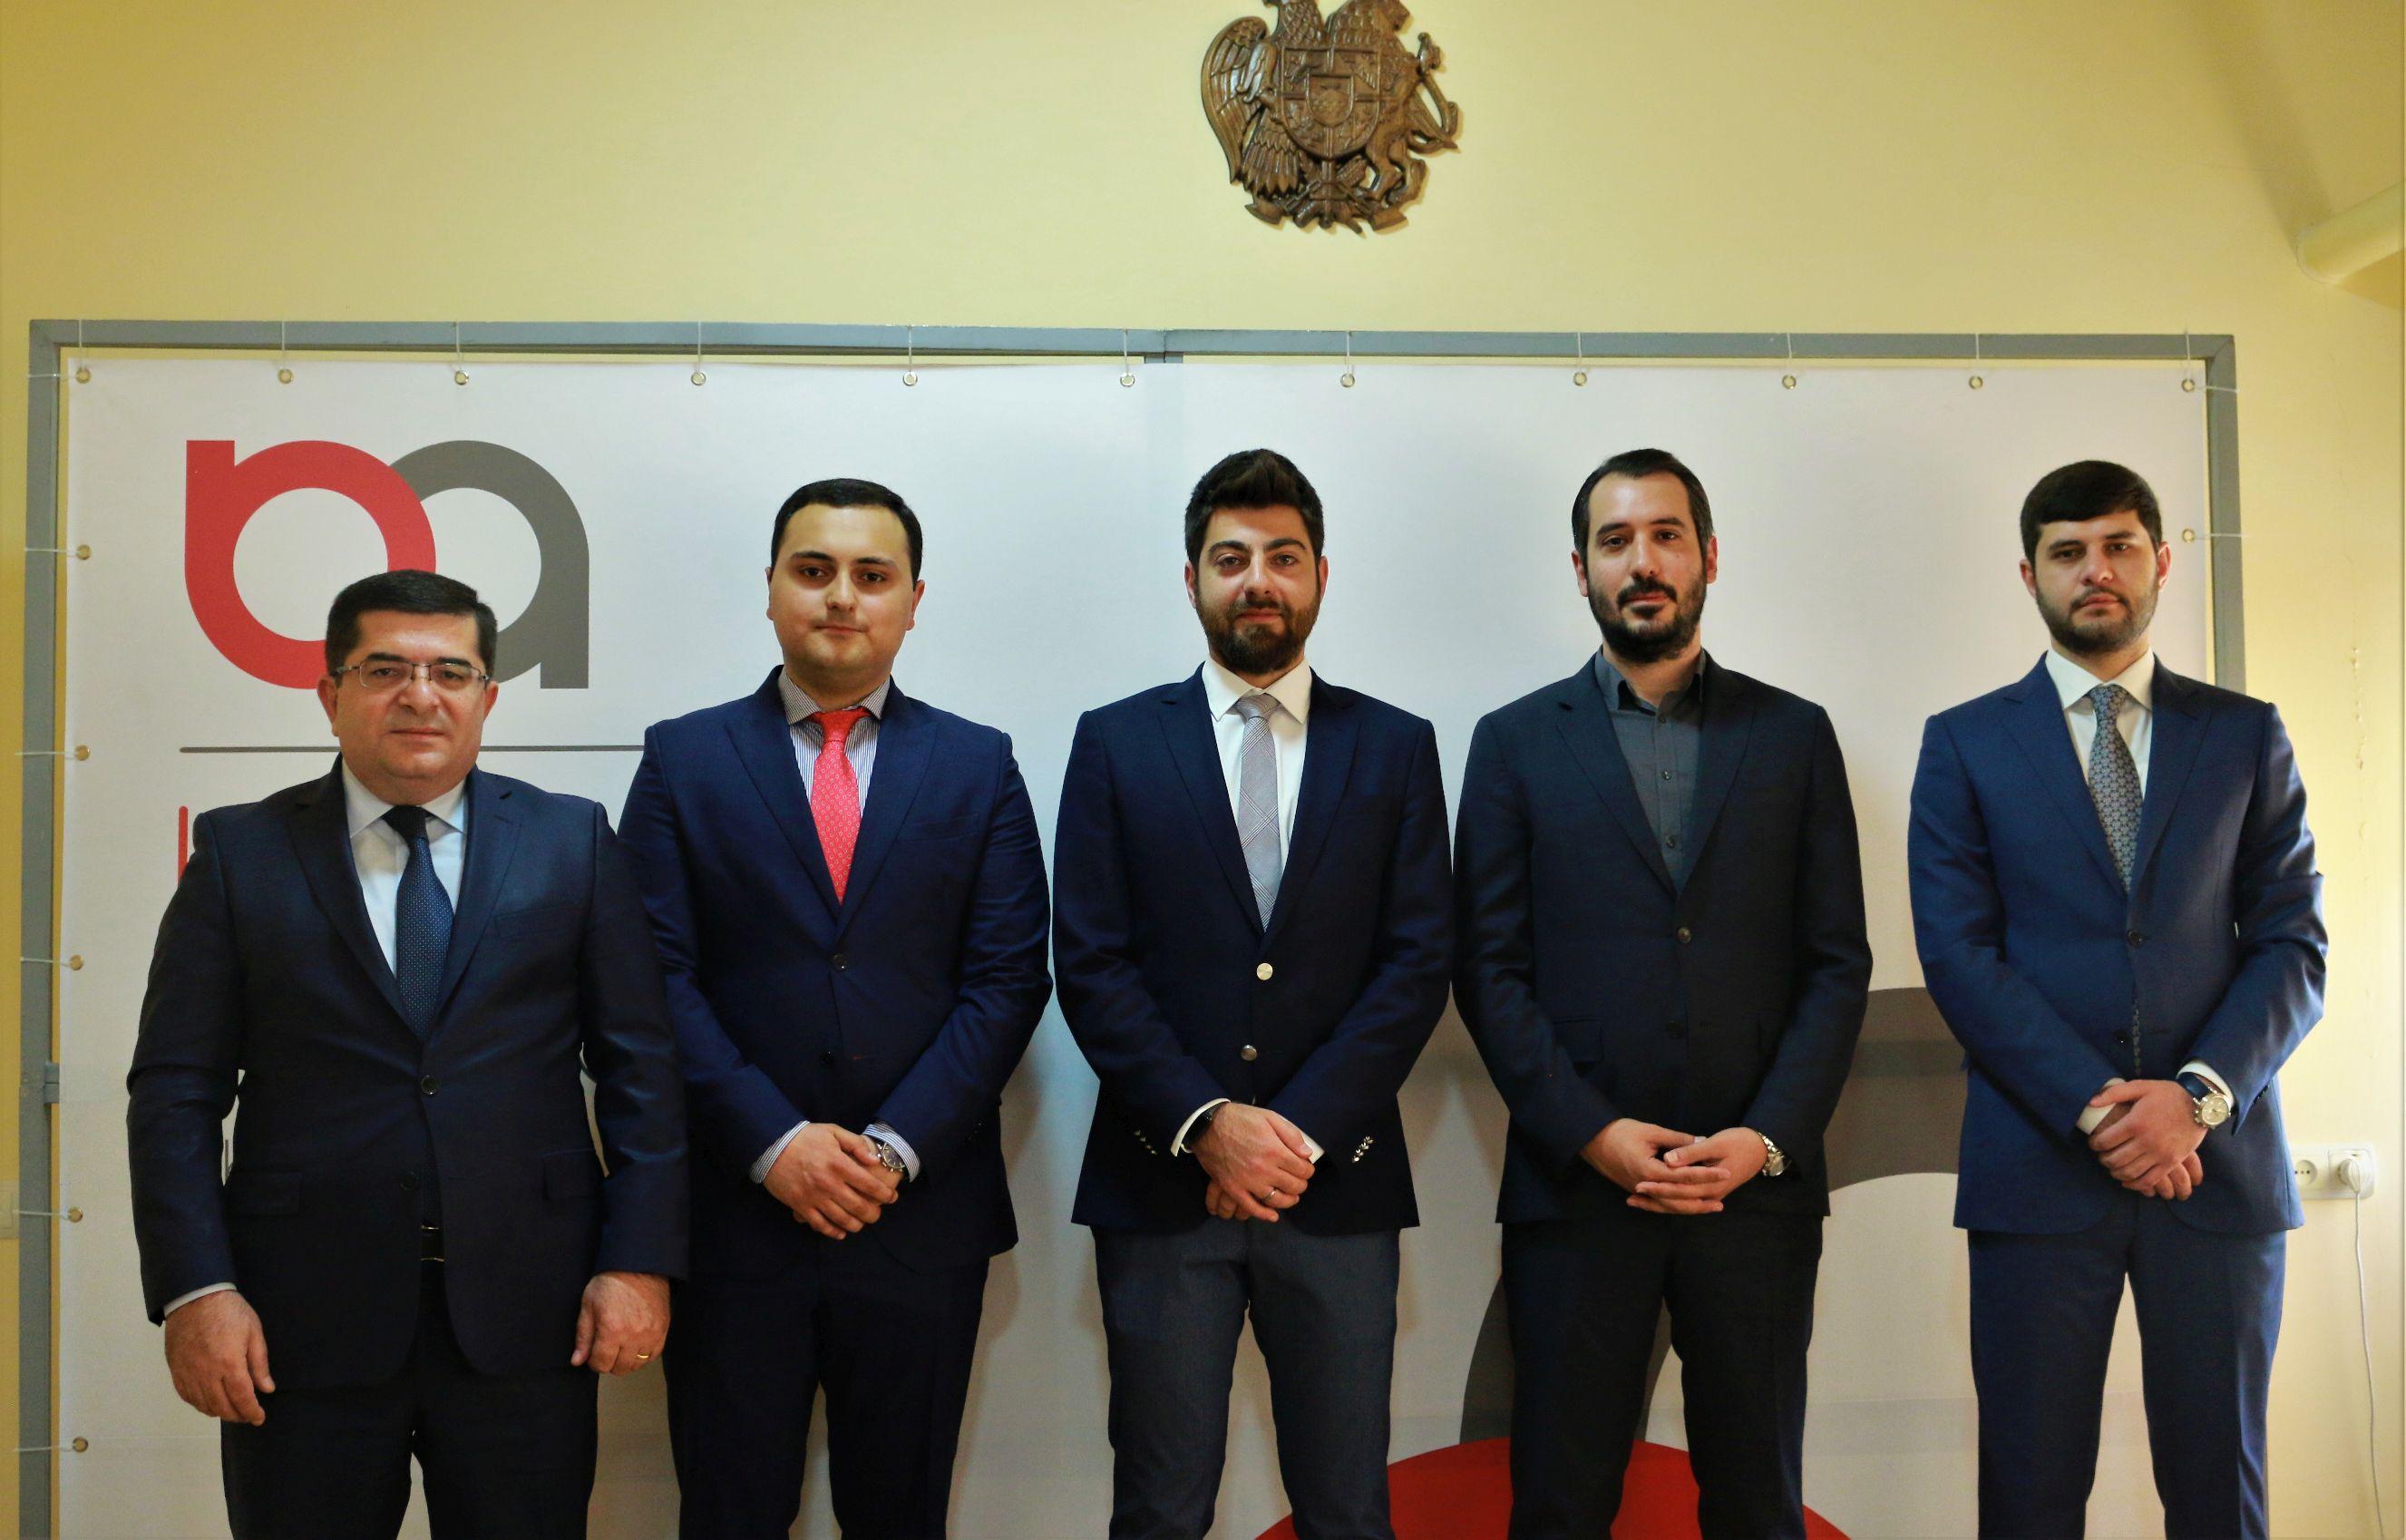 Բիզնես Արմենիա. Հայաստանում 850 հազար դոլարի ներդրումներով նոր գործարան է հիմնվում